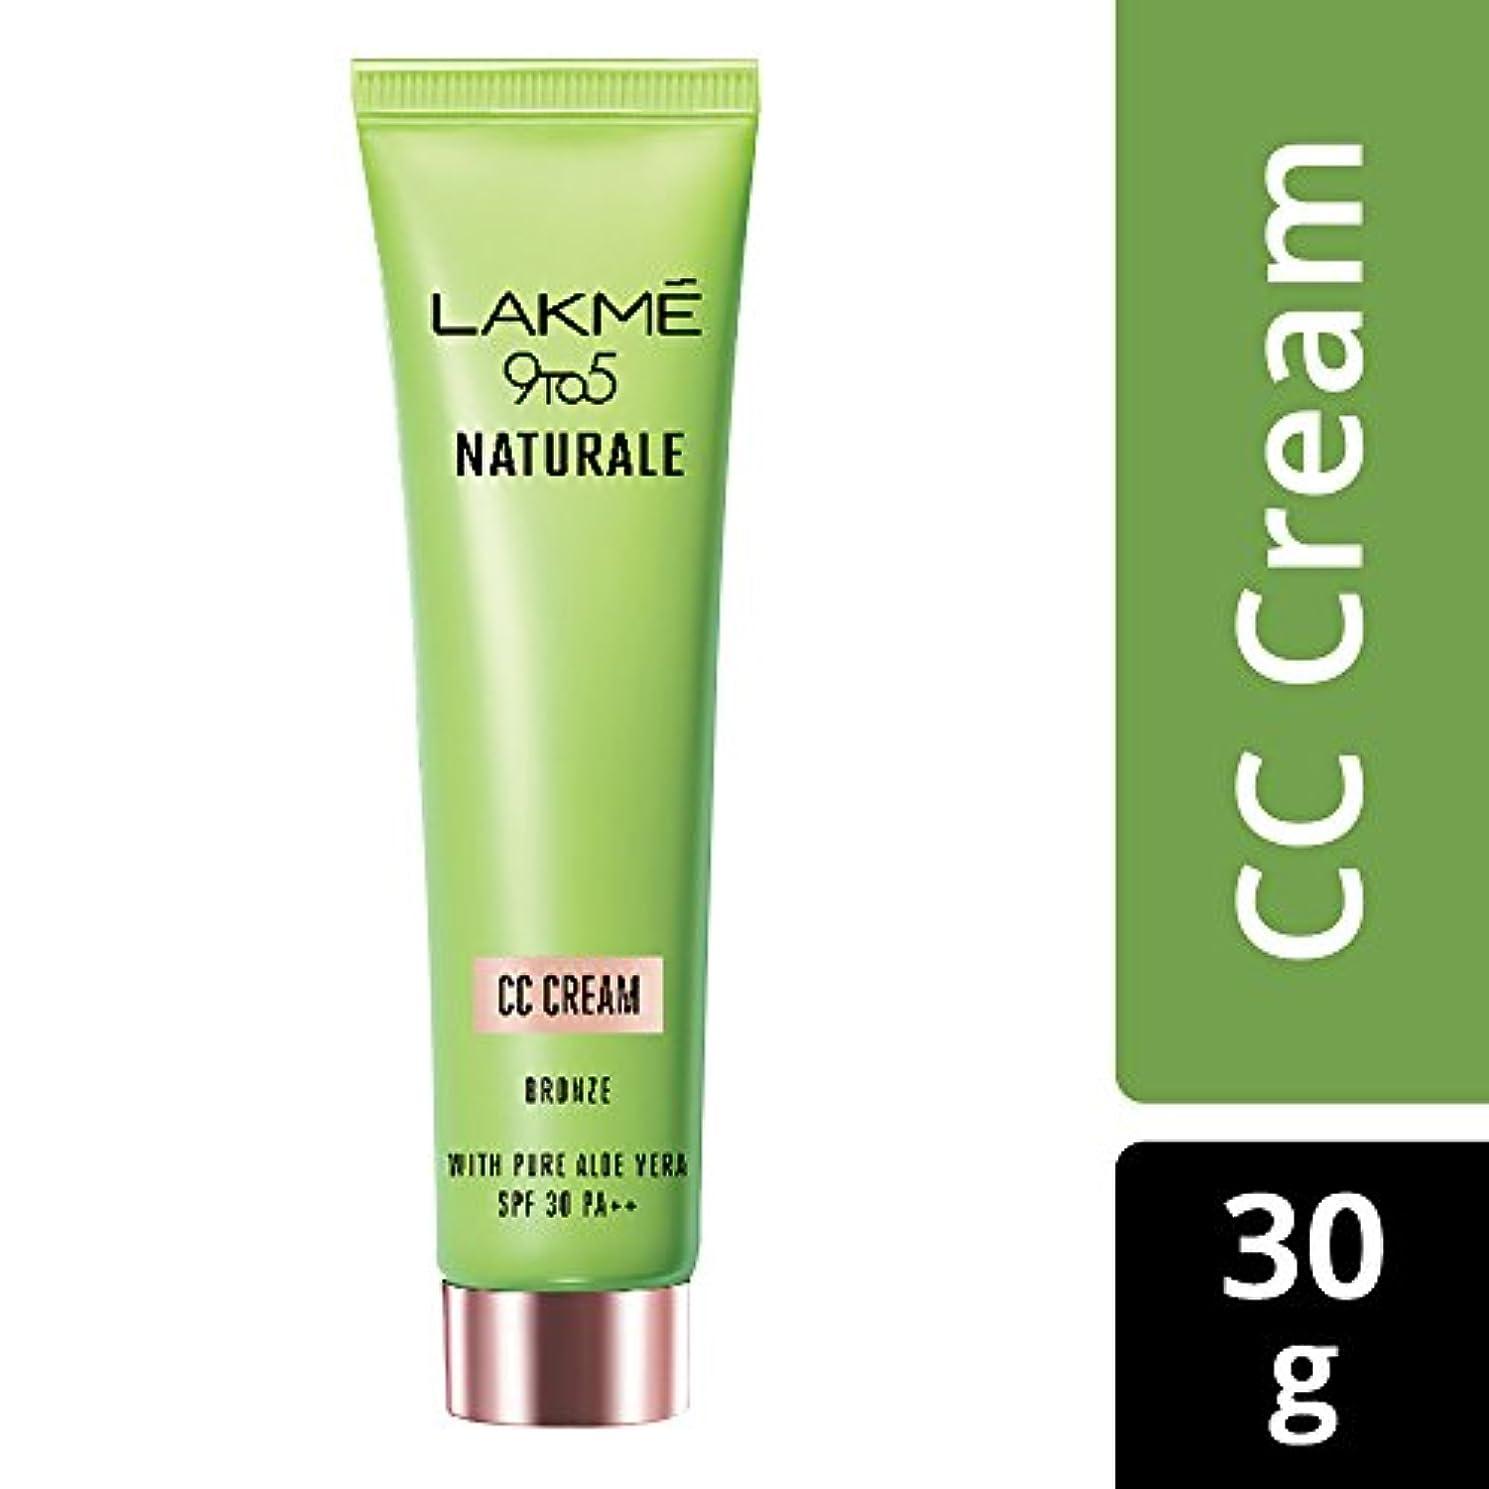 苦しみ野球先にLakme 9 to 5 Naturale CC Cream, Bronze, 30g